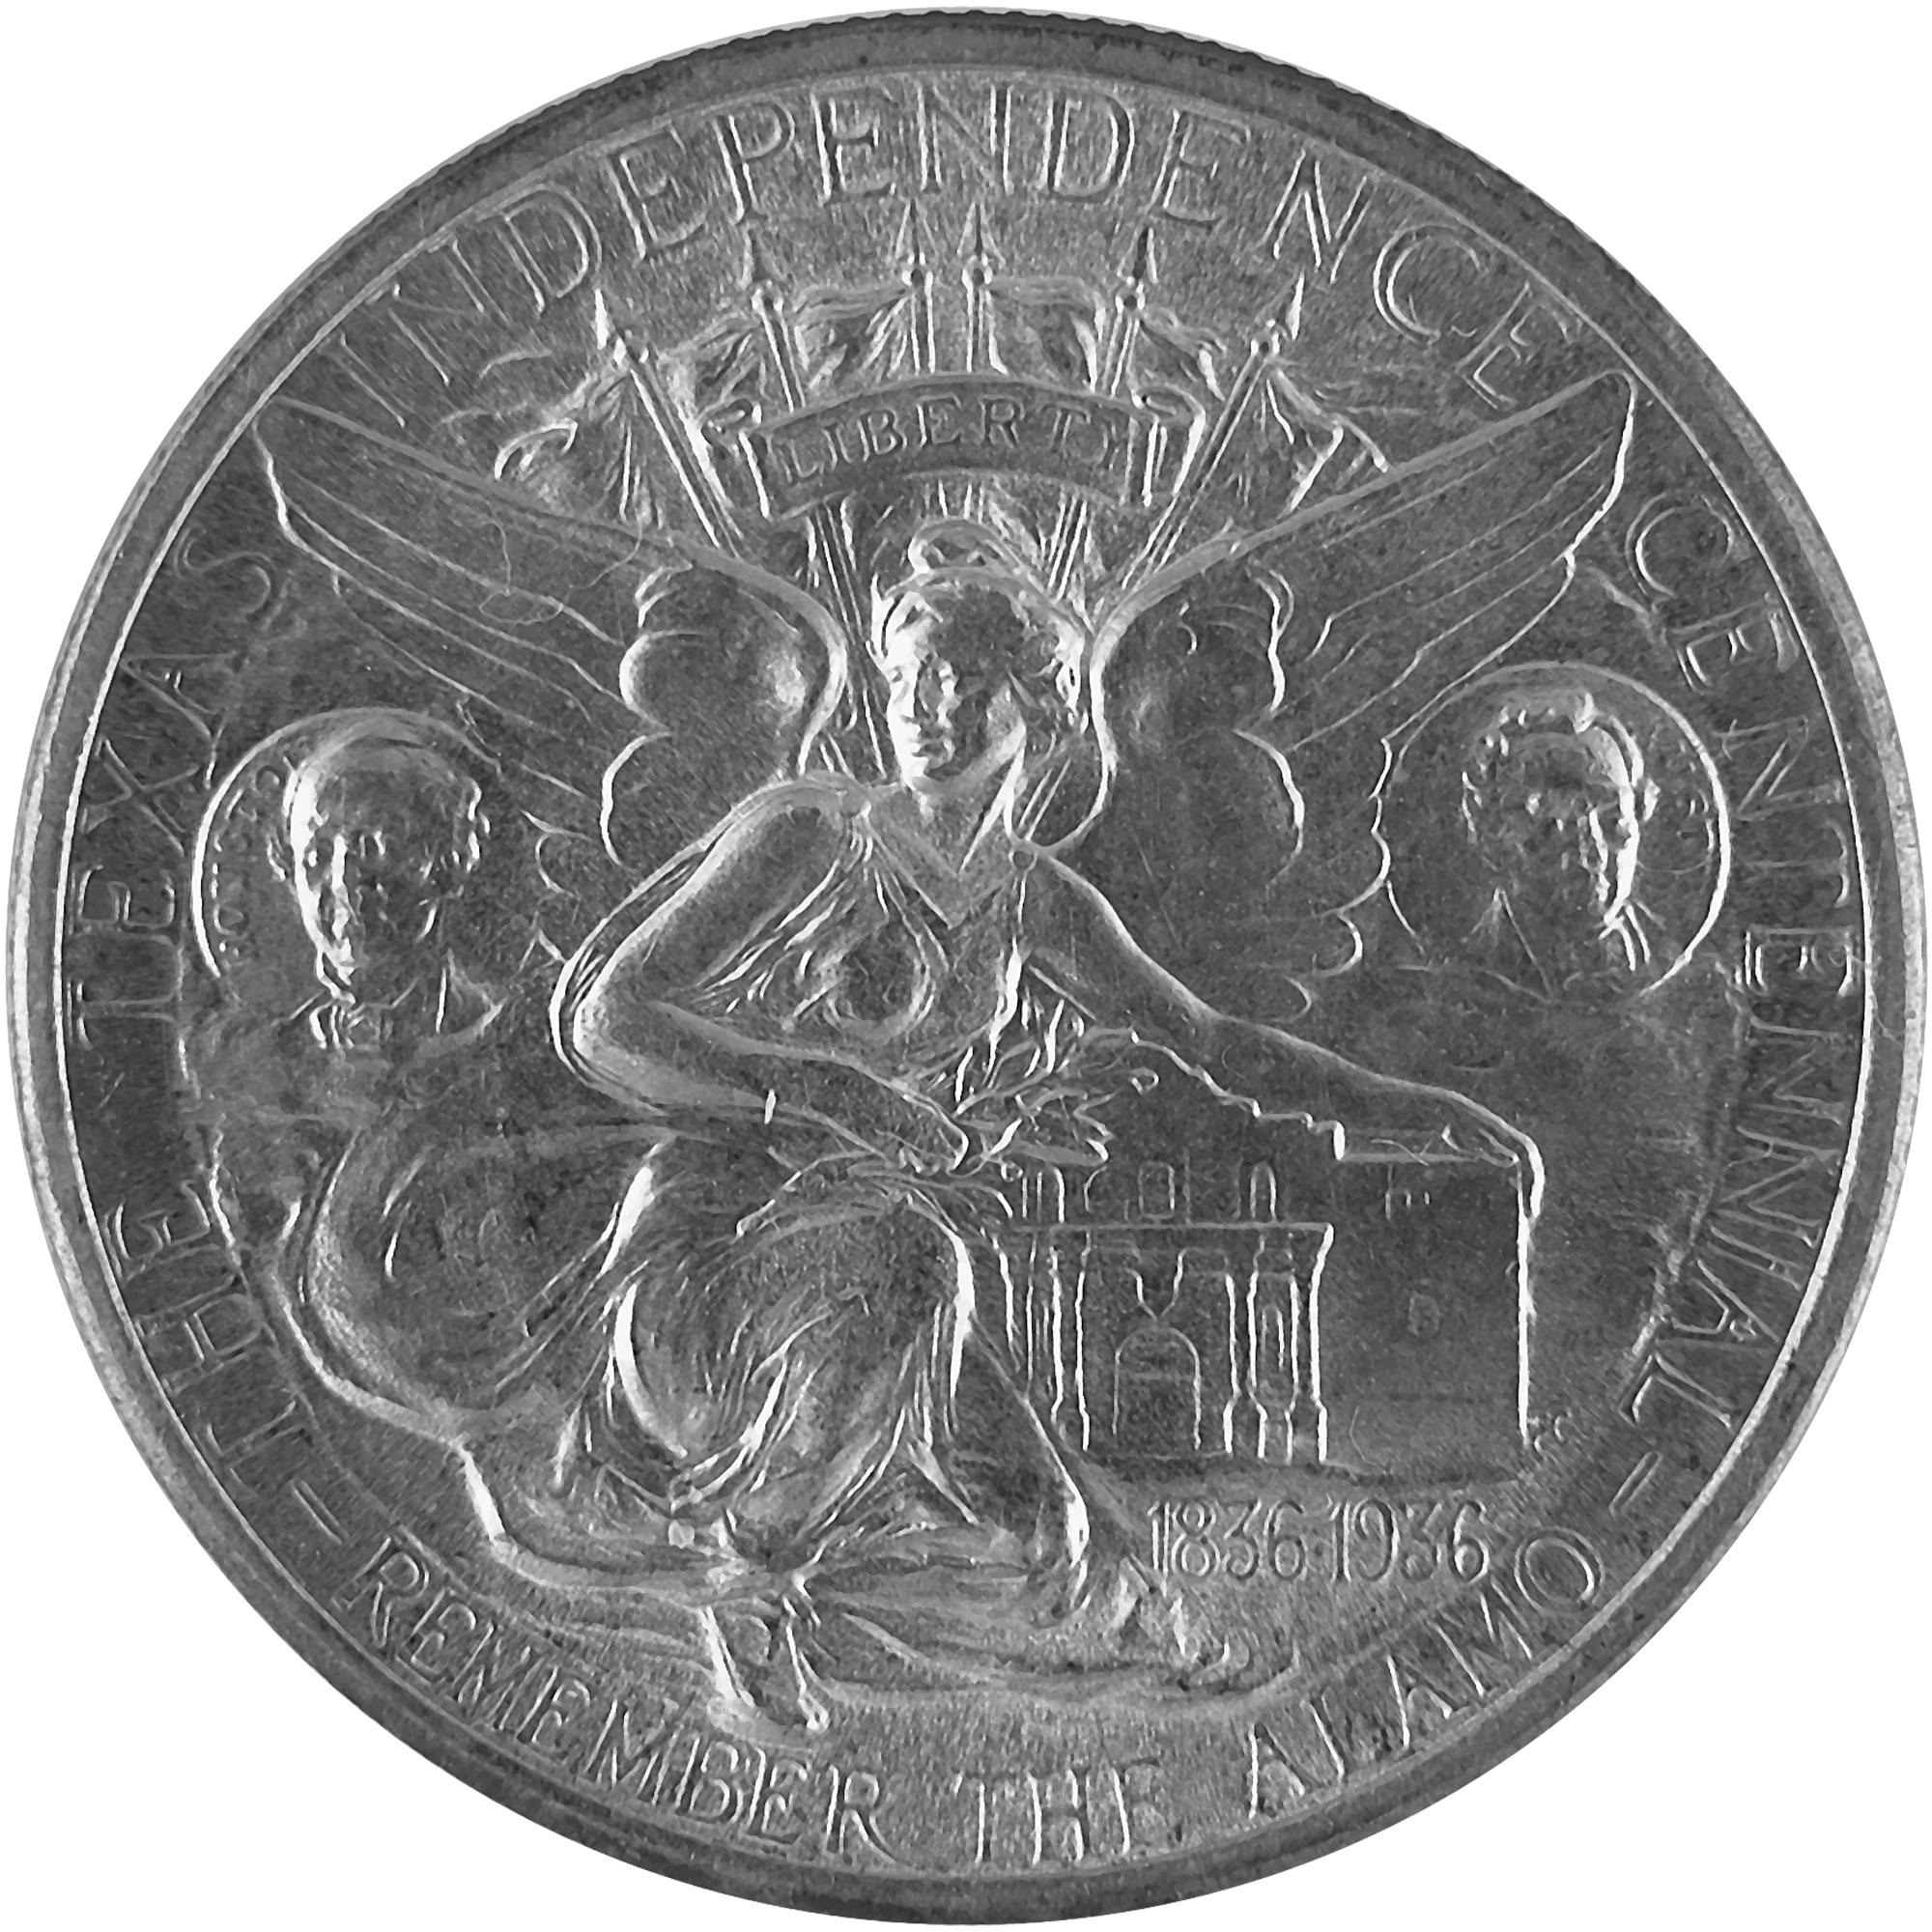 1935 Texas Centennial Commemorative Silver Half Dollar Coin Reverse